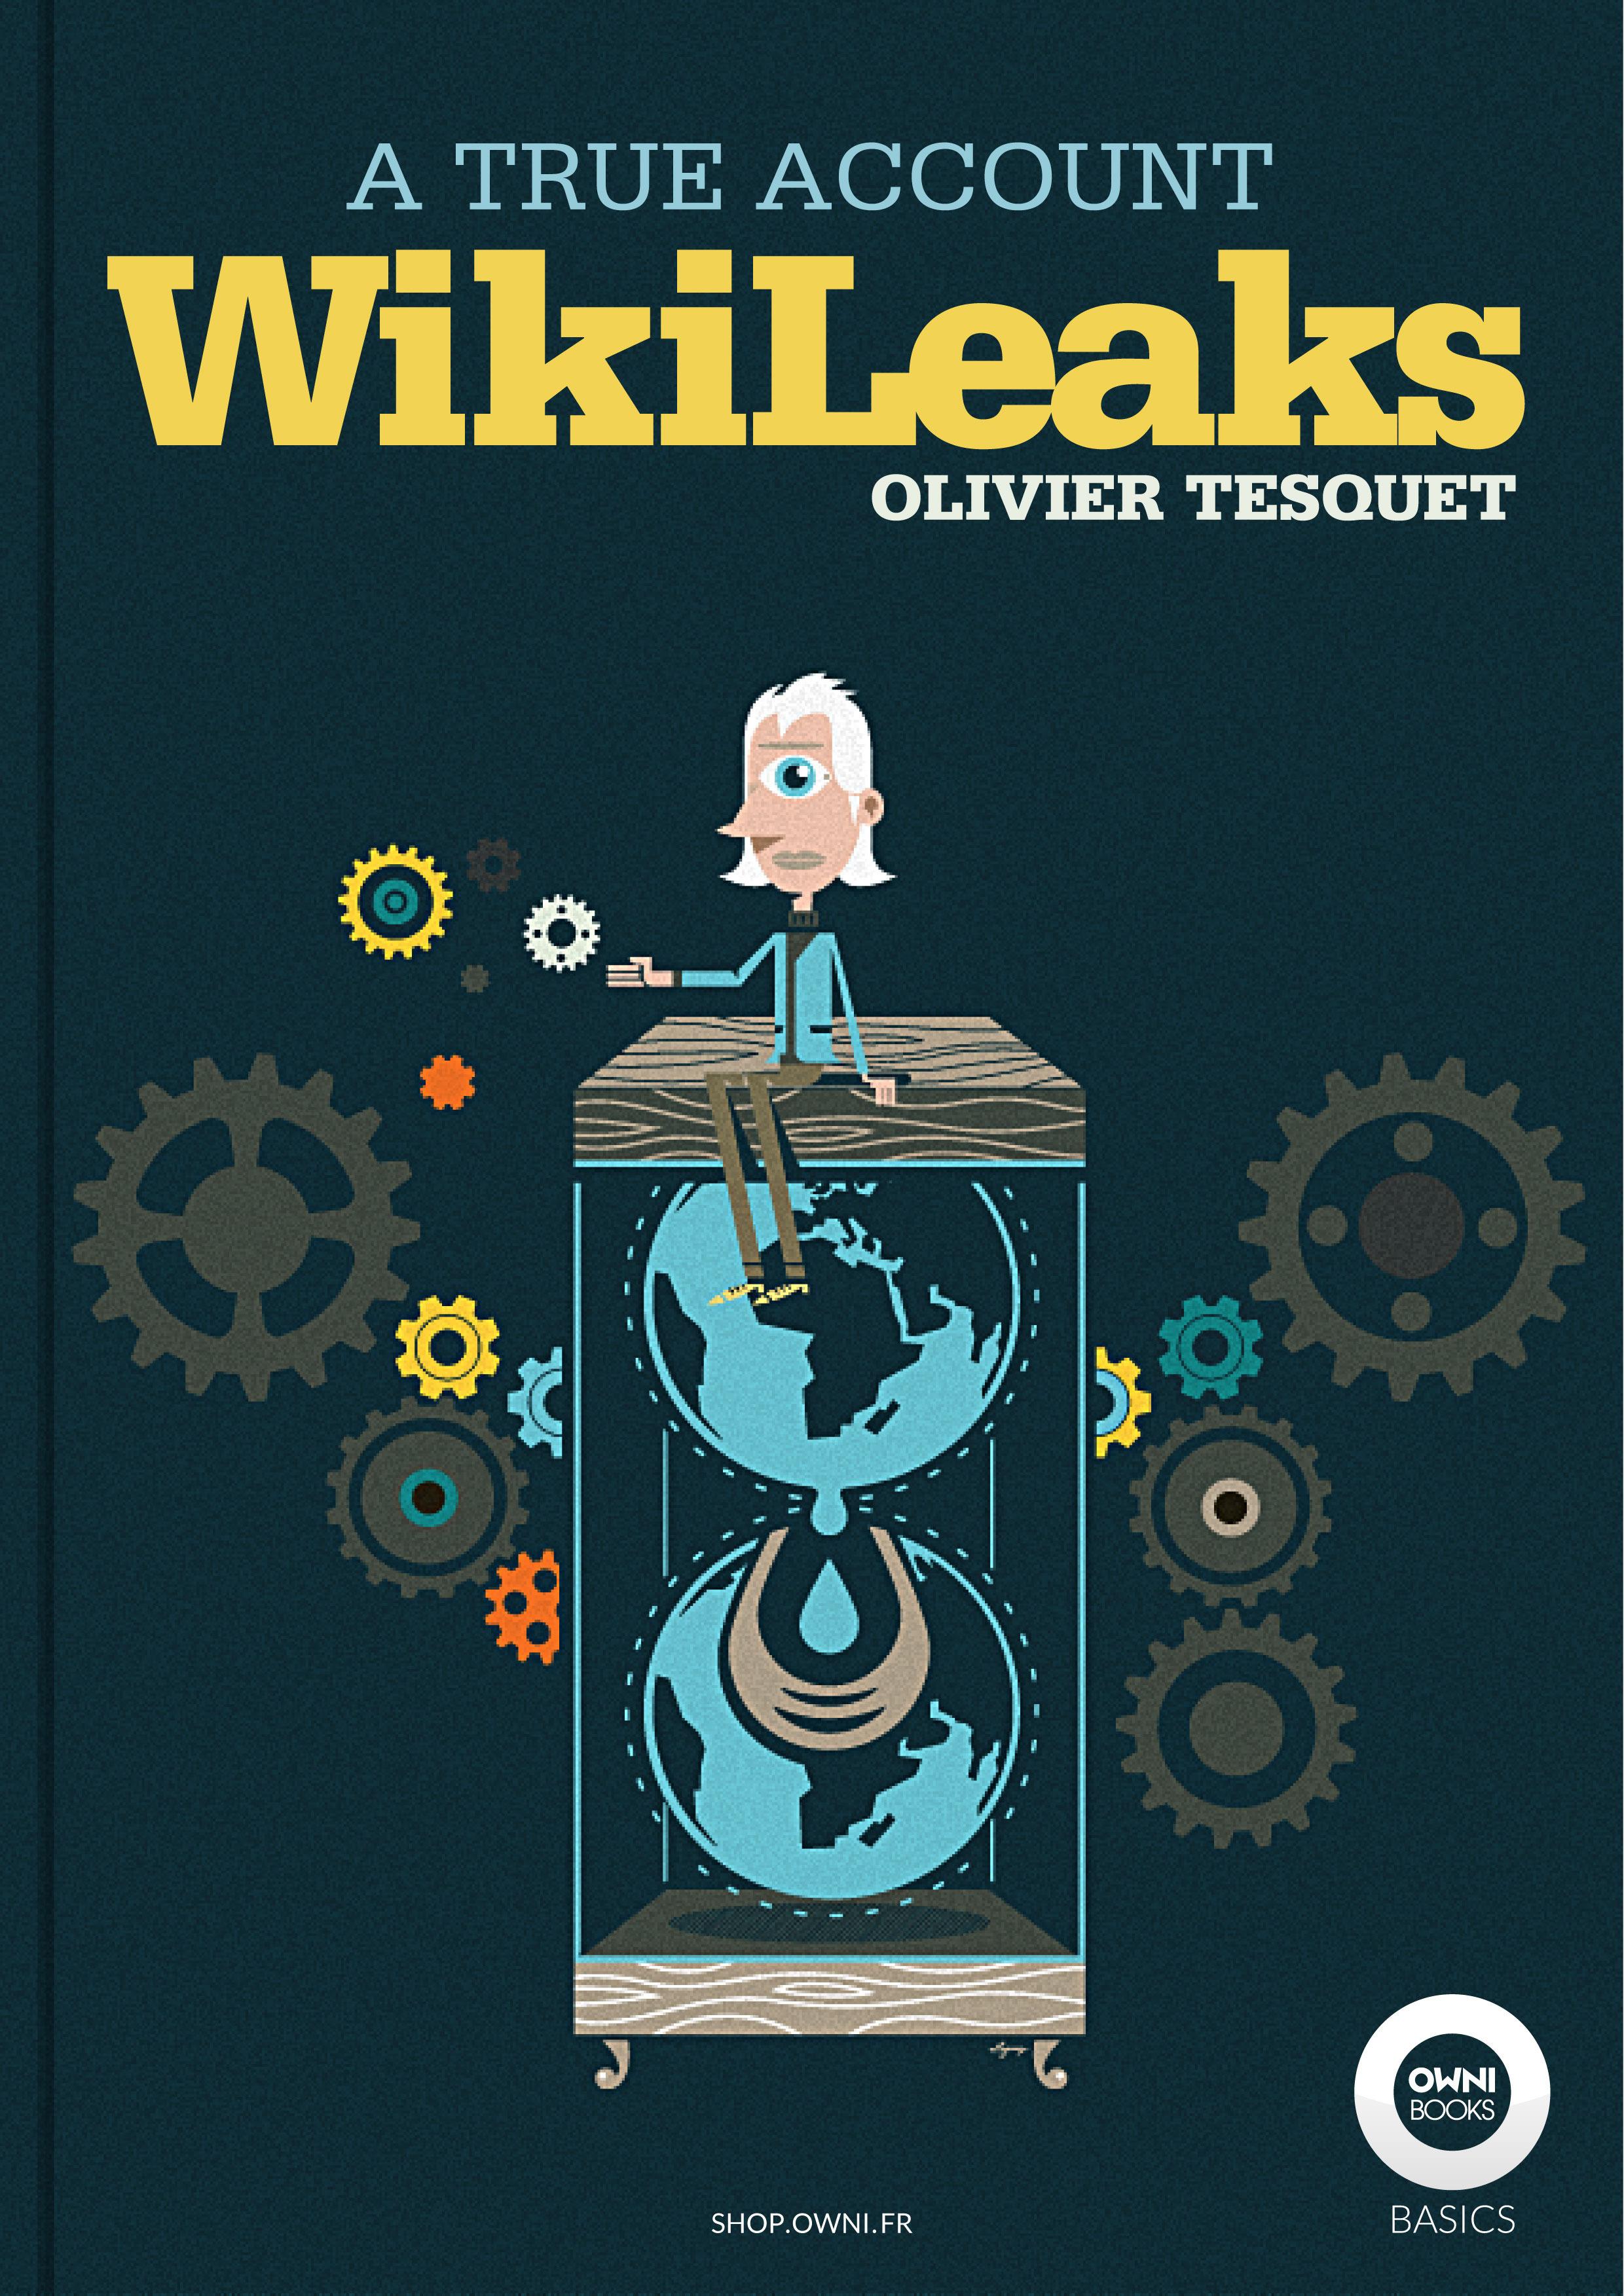 WikiLeaks, a true account